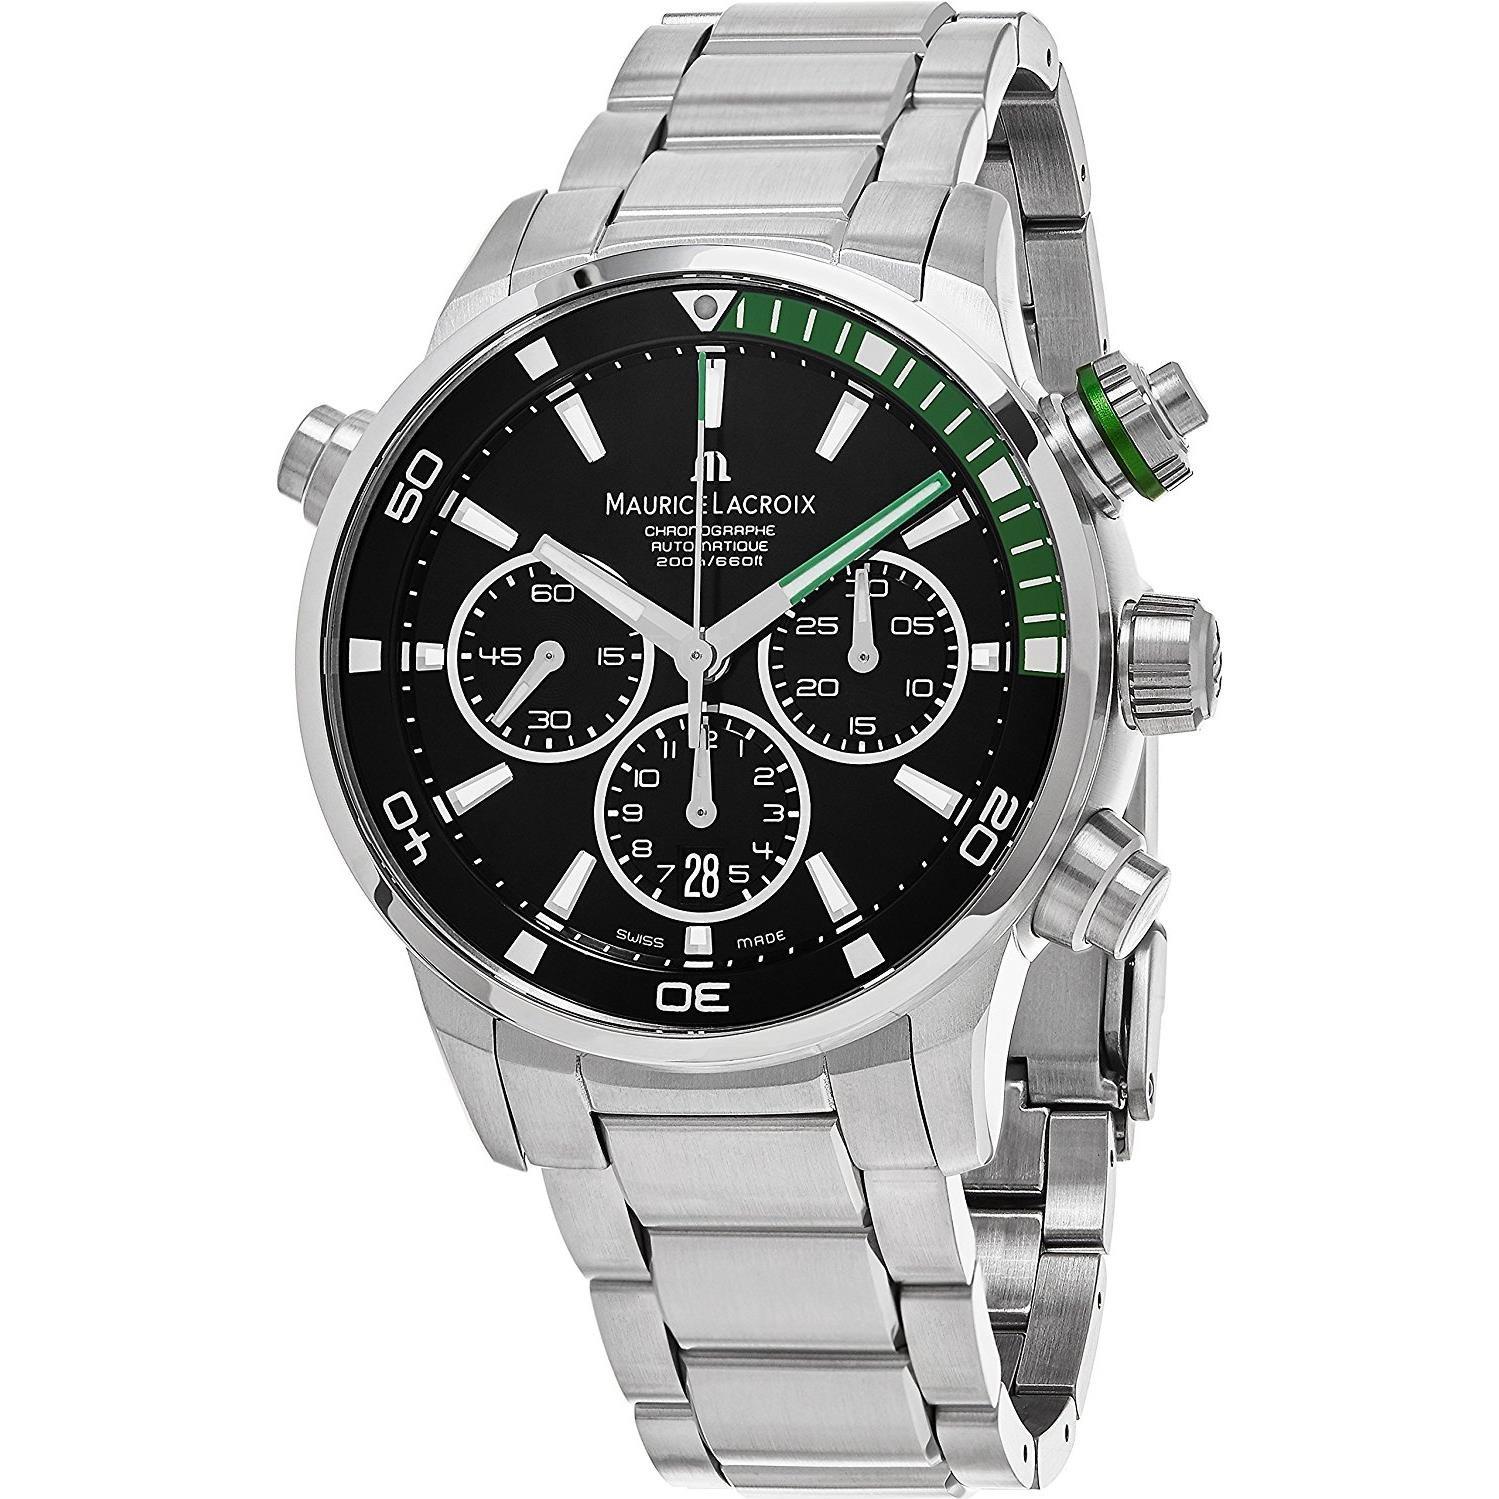 Maurice Lacroix Reloj de hombre automático 44mm PT6018-SS002 ...